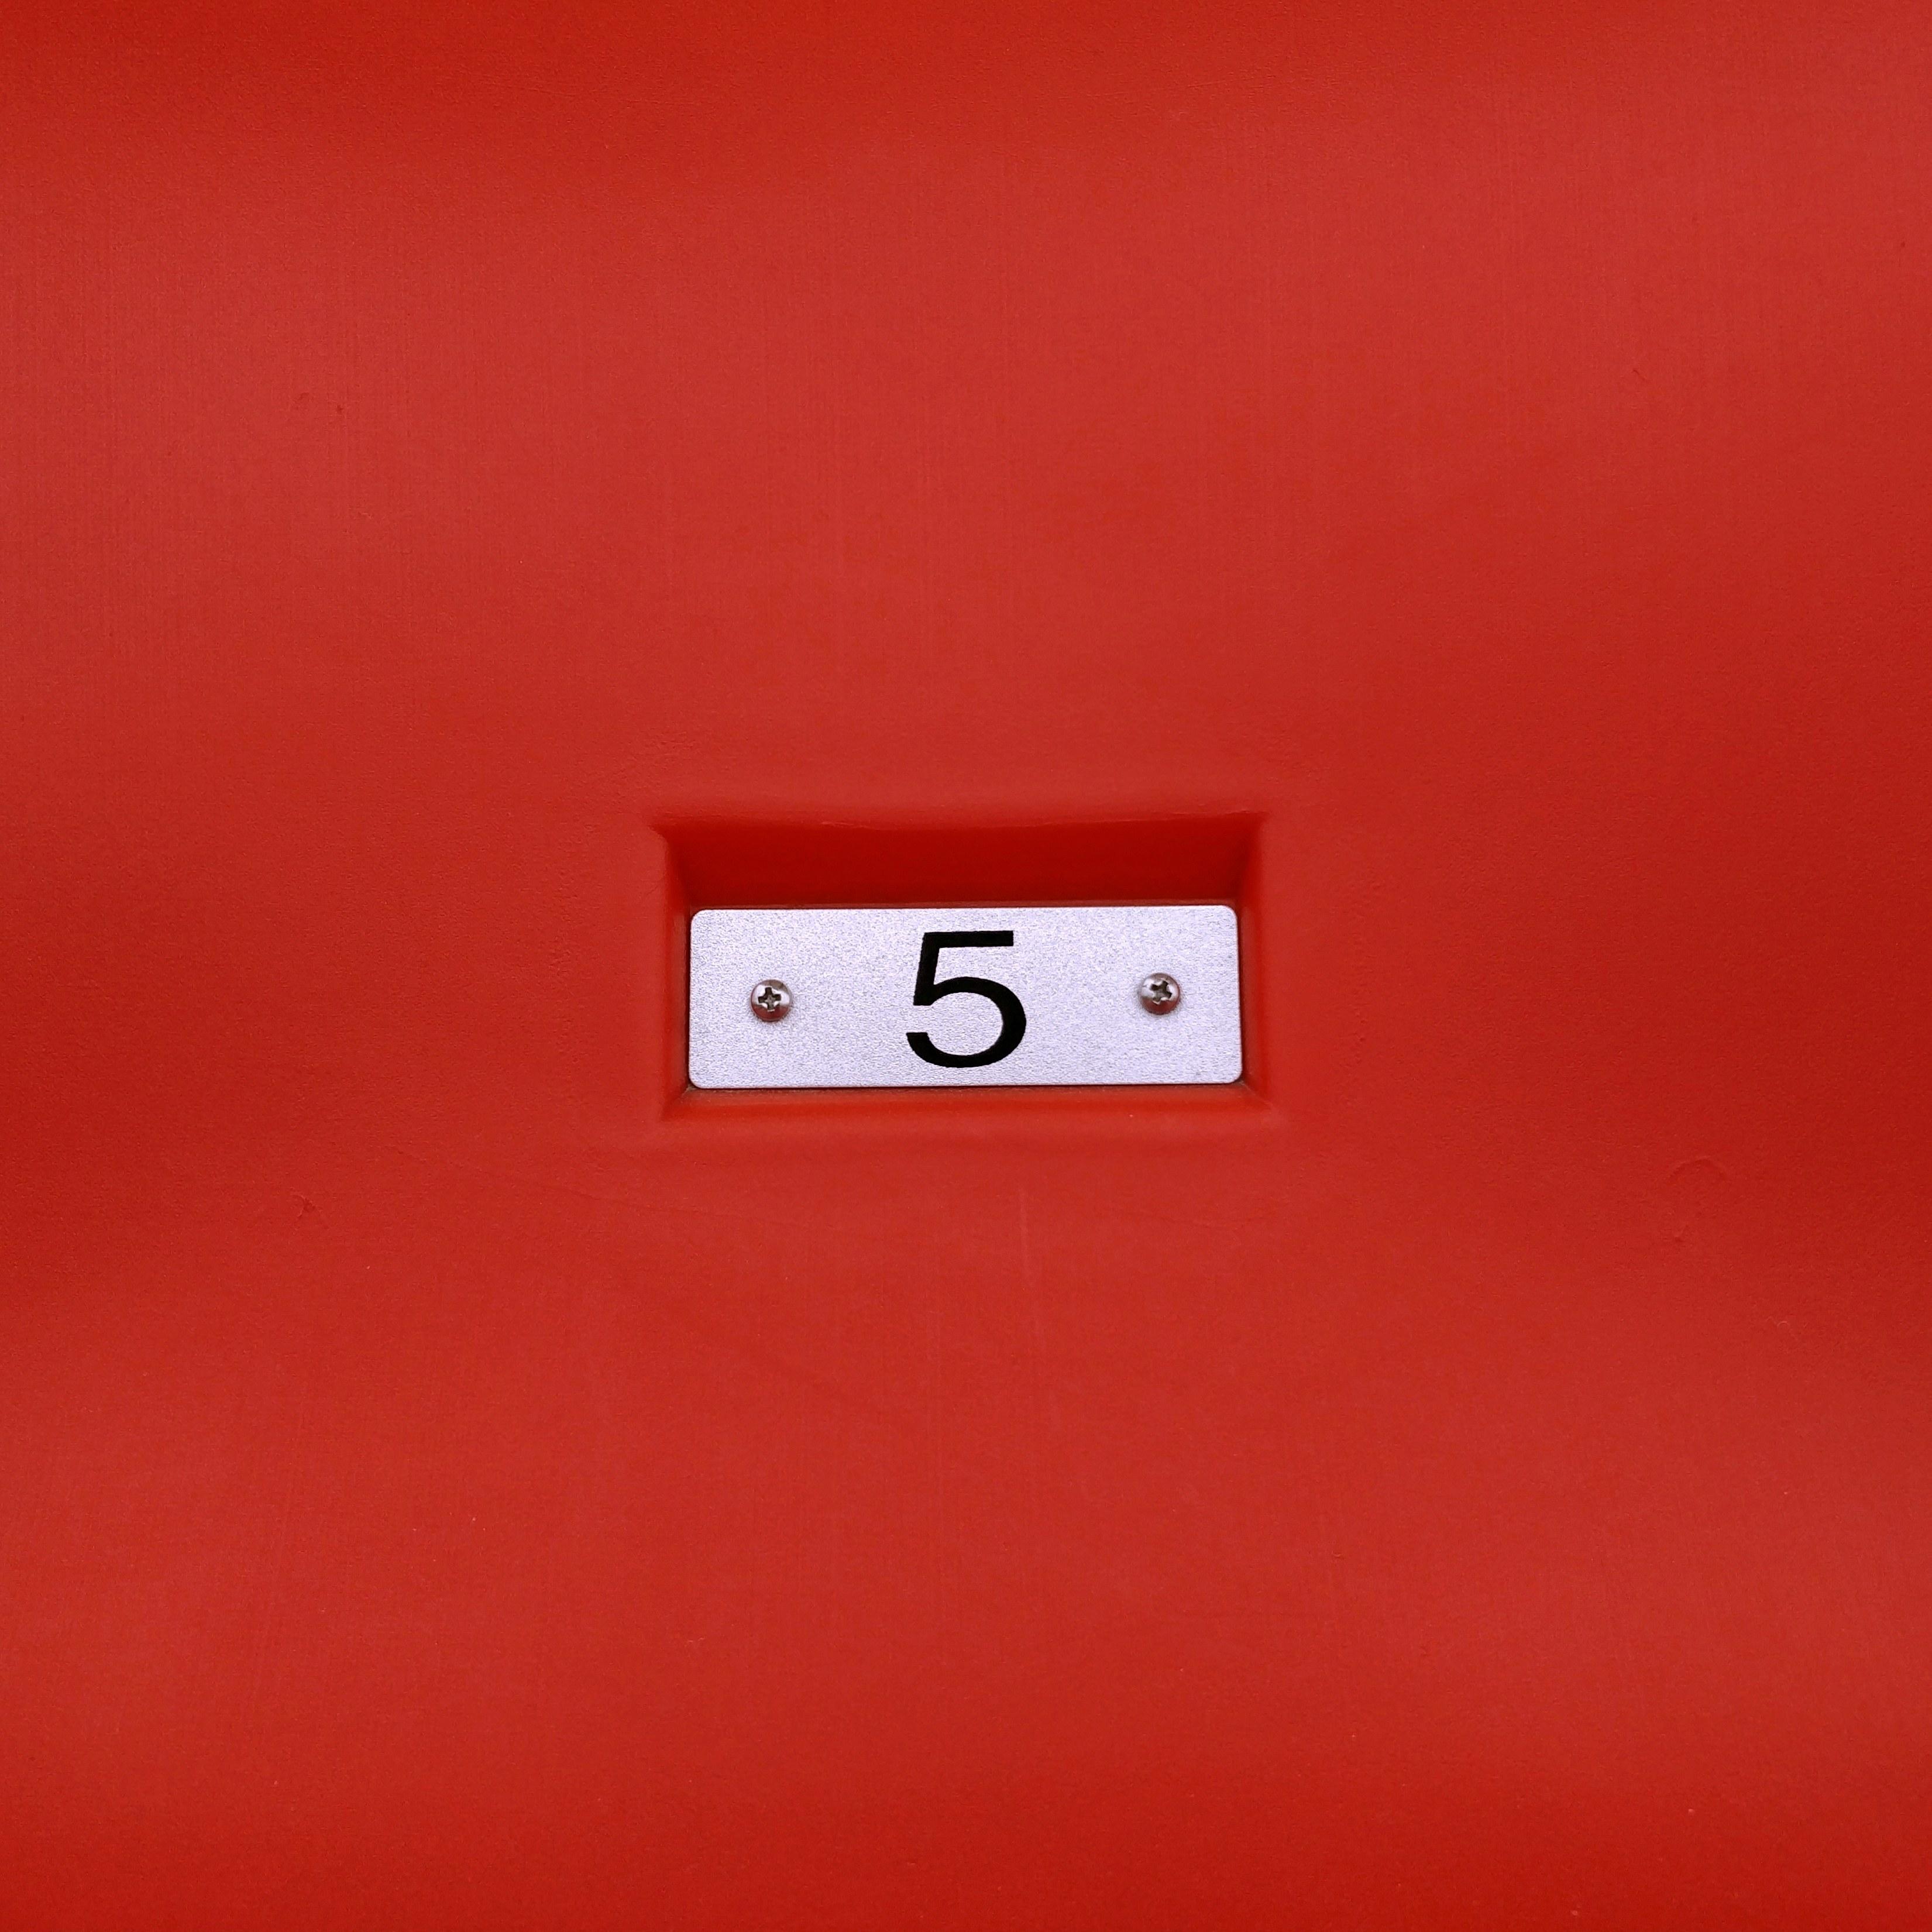 小船儿  5 (2).jpg